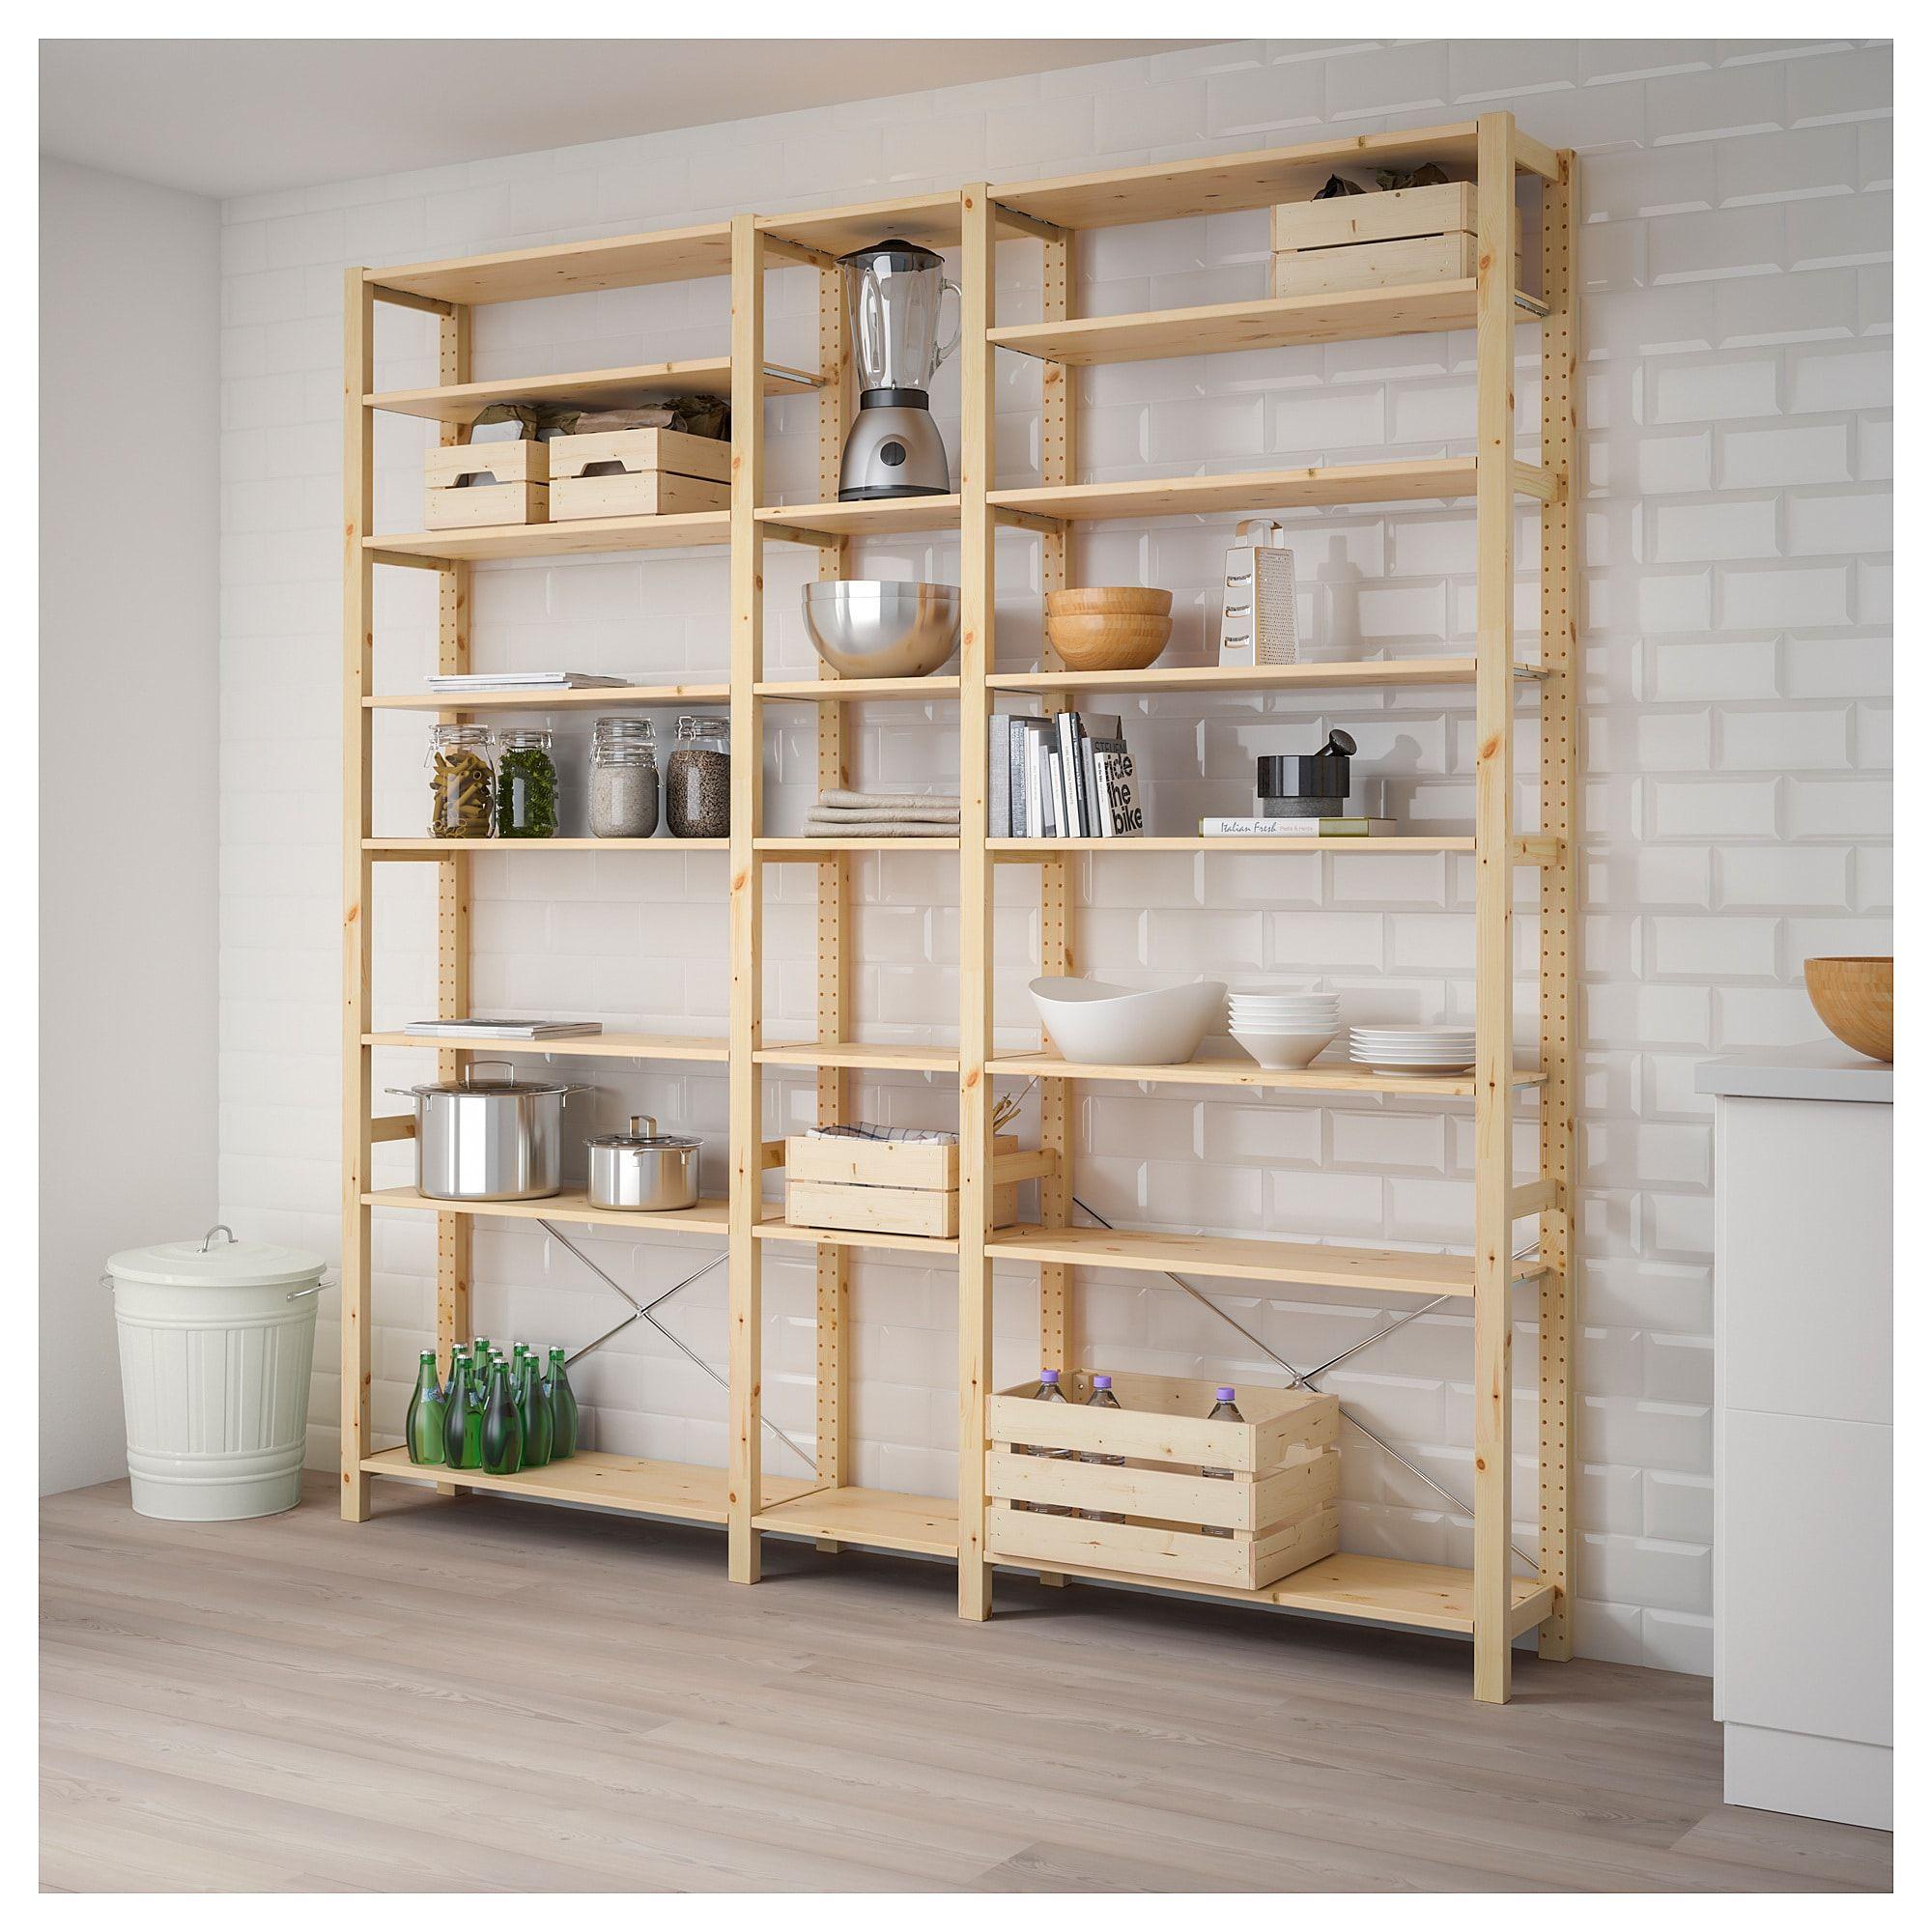 Ivar 3 Section Shelving Unit Pine 86 1 4x11 3 4x89 Shelving Unit Shelves Ikea